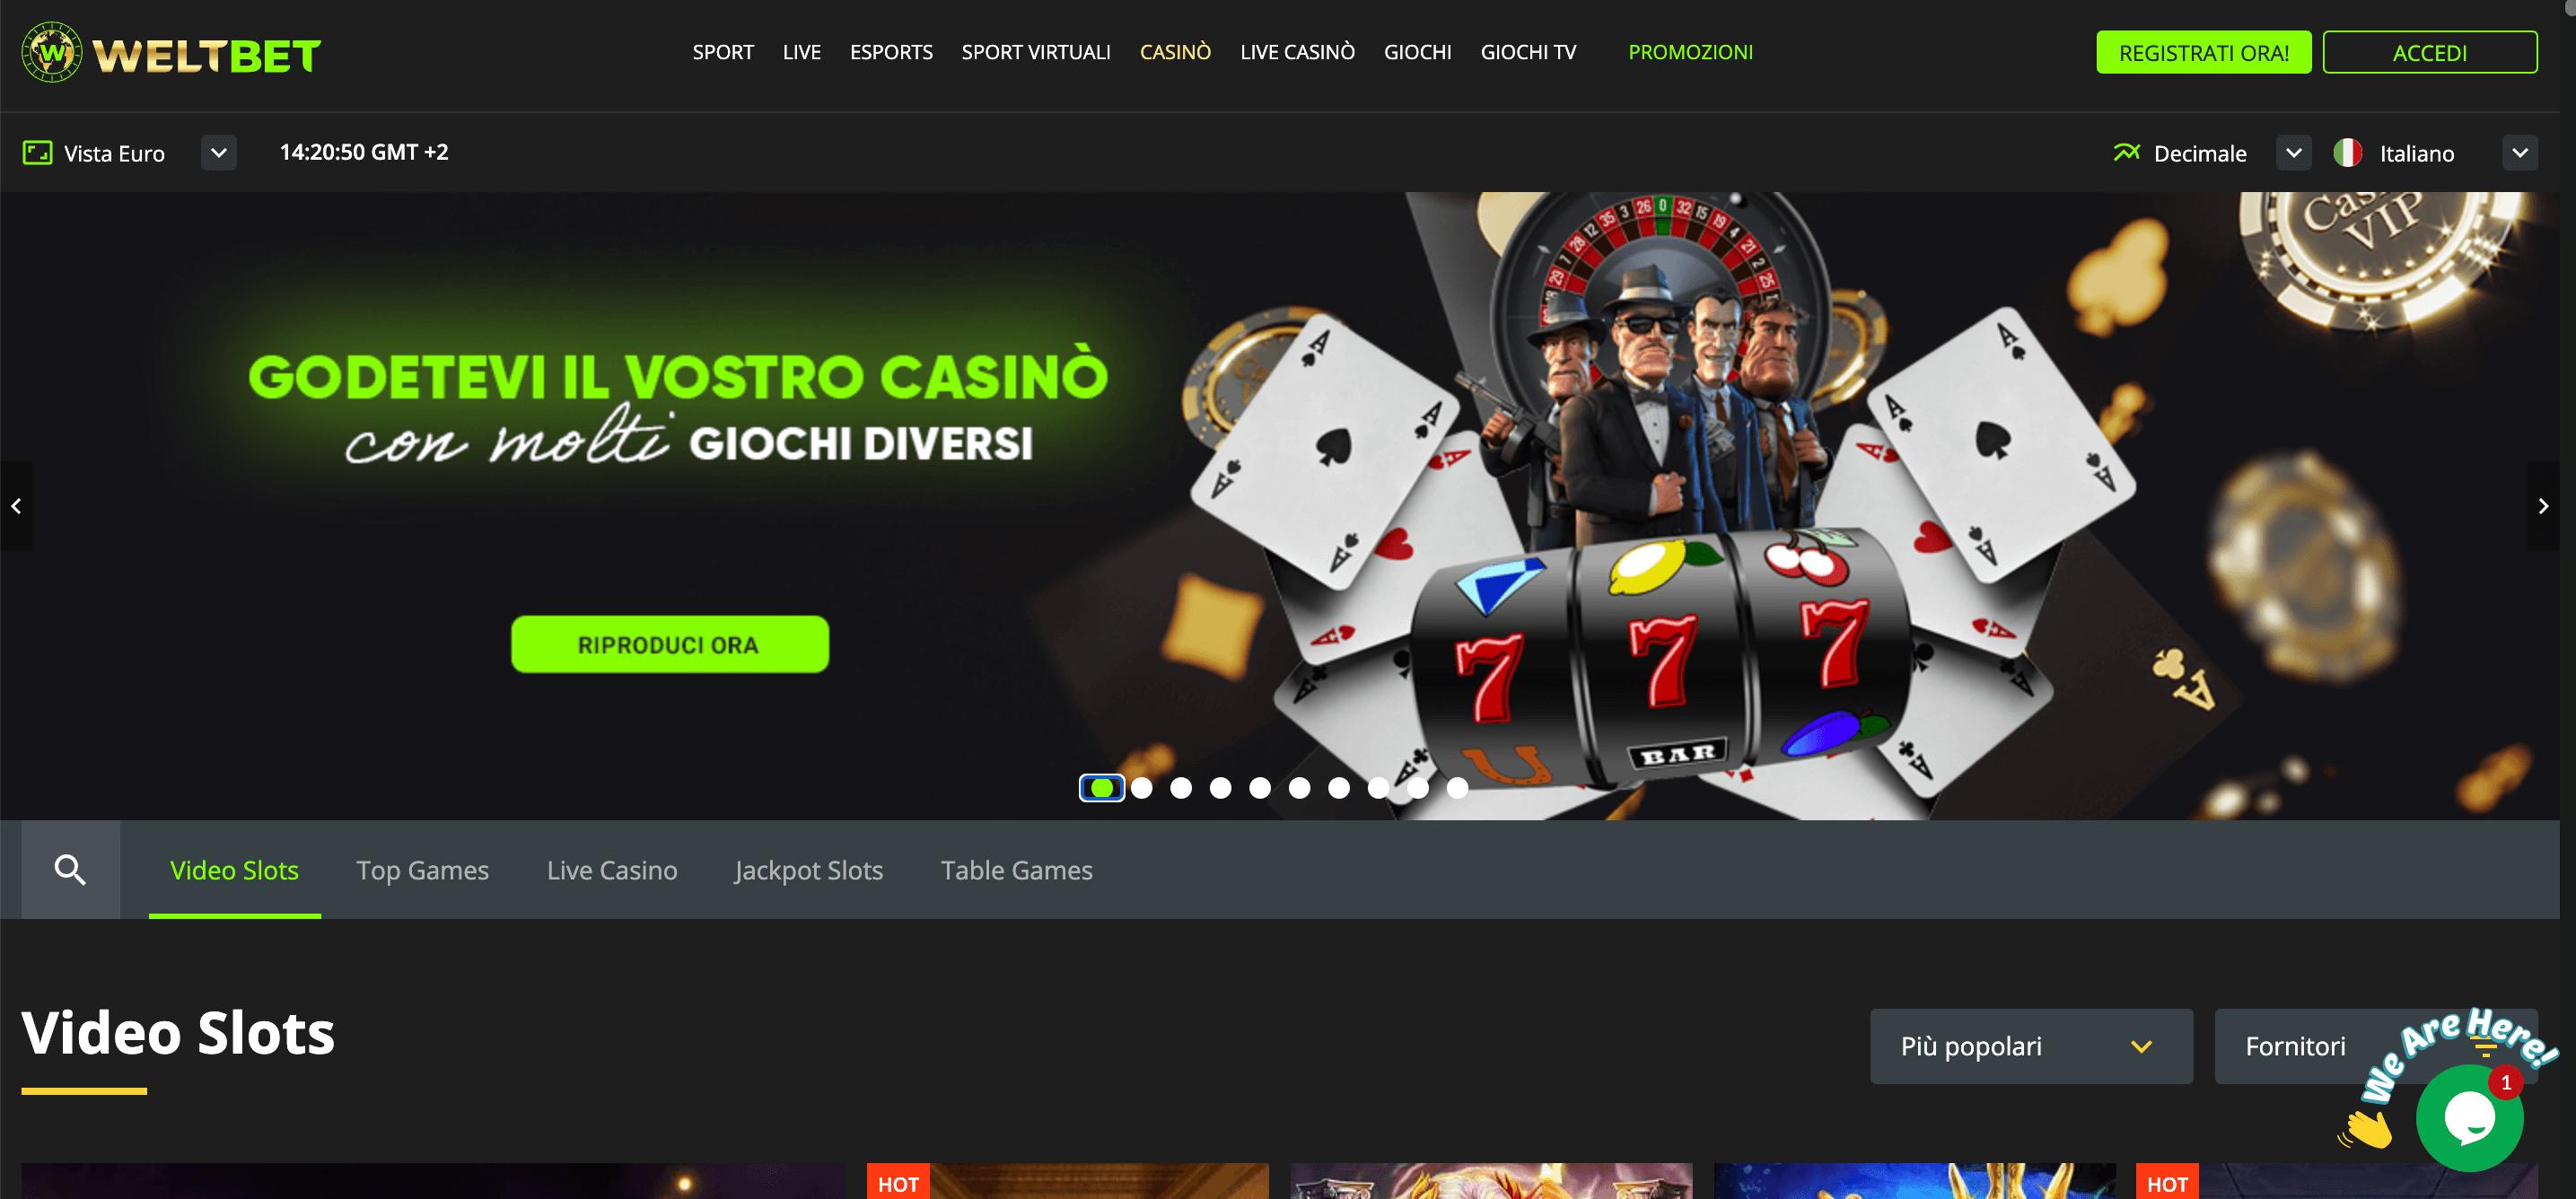 Weltbet Casino Home